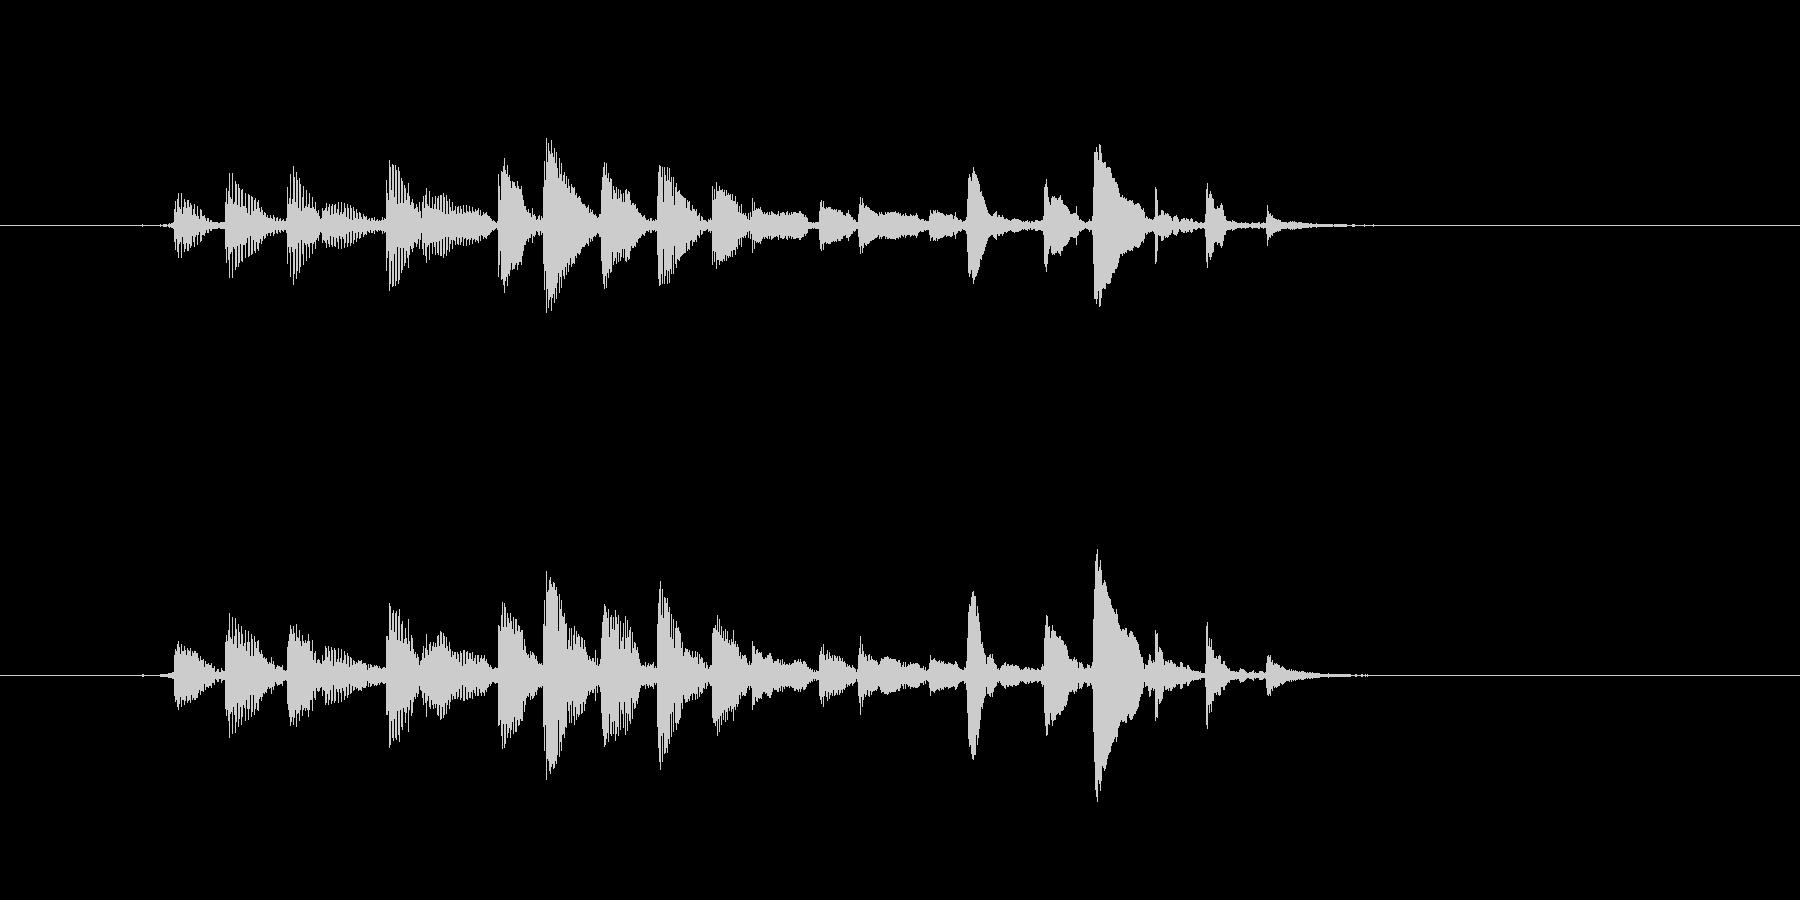 生音 三味線 チリチリ アップの未再生の波形